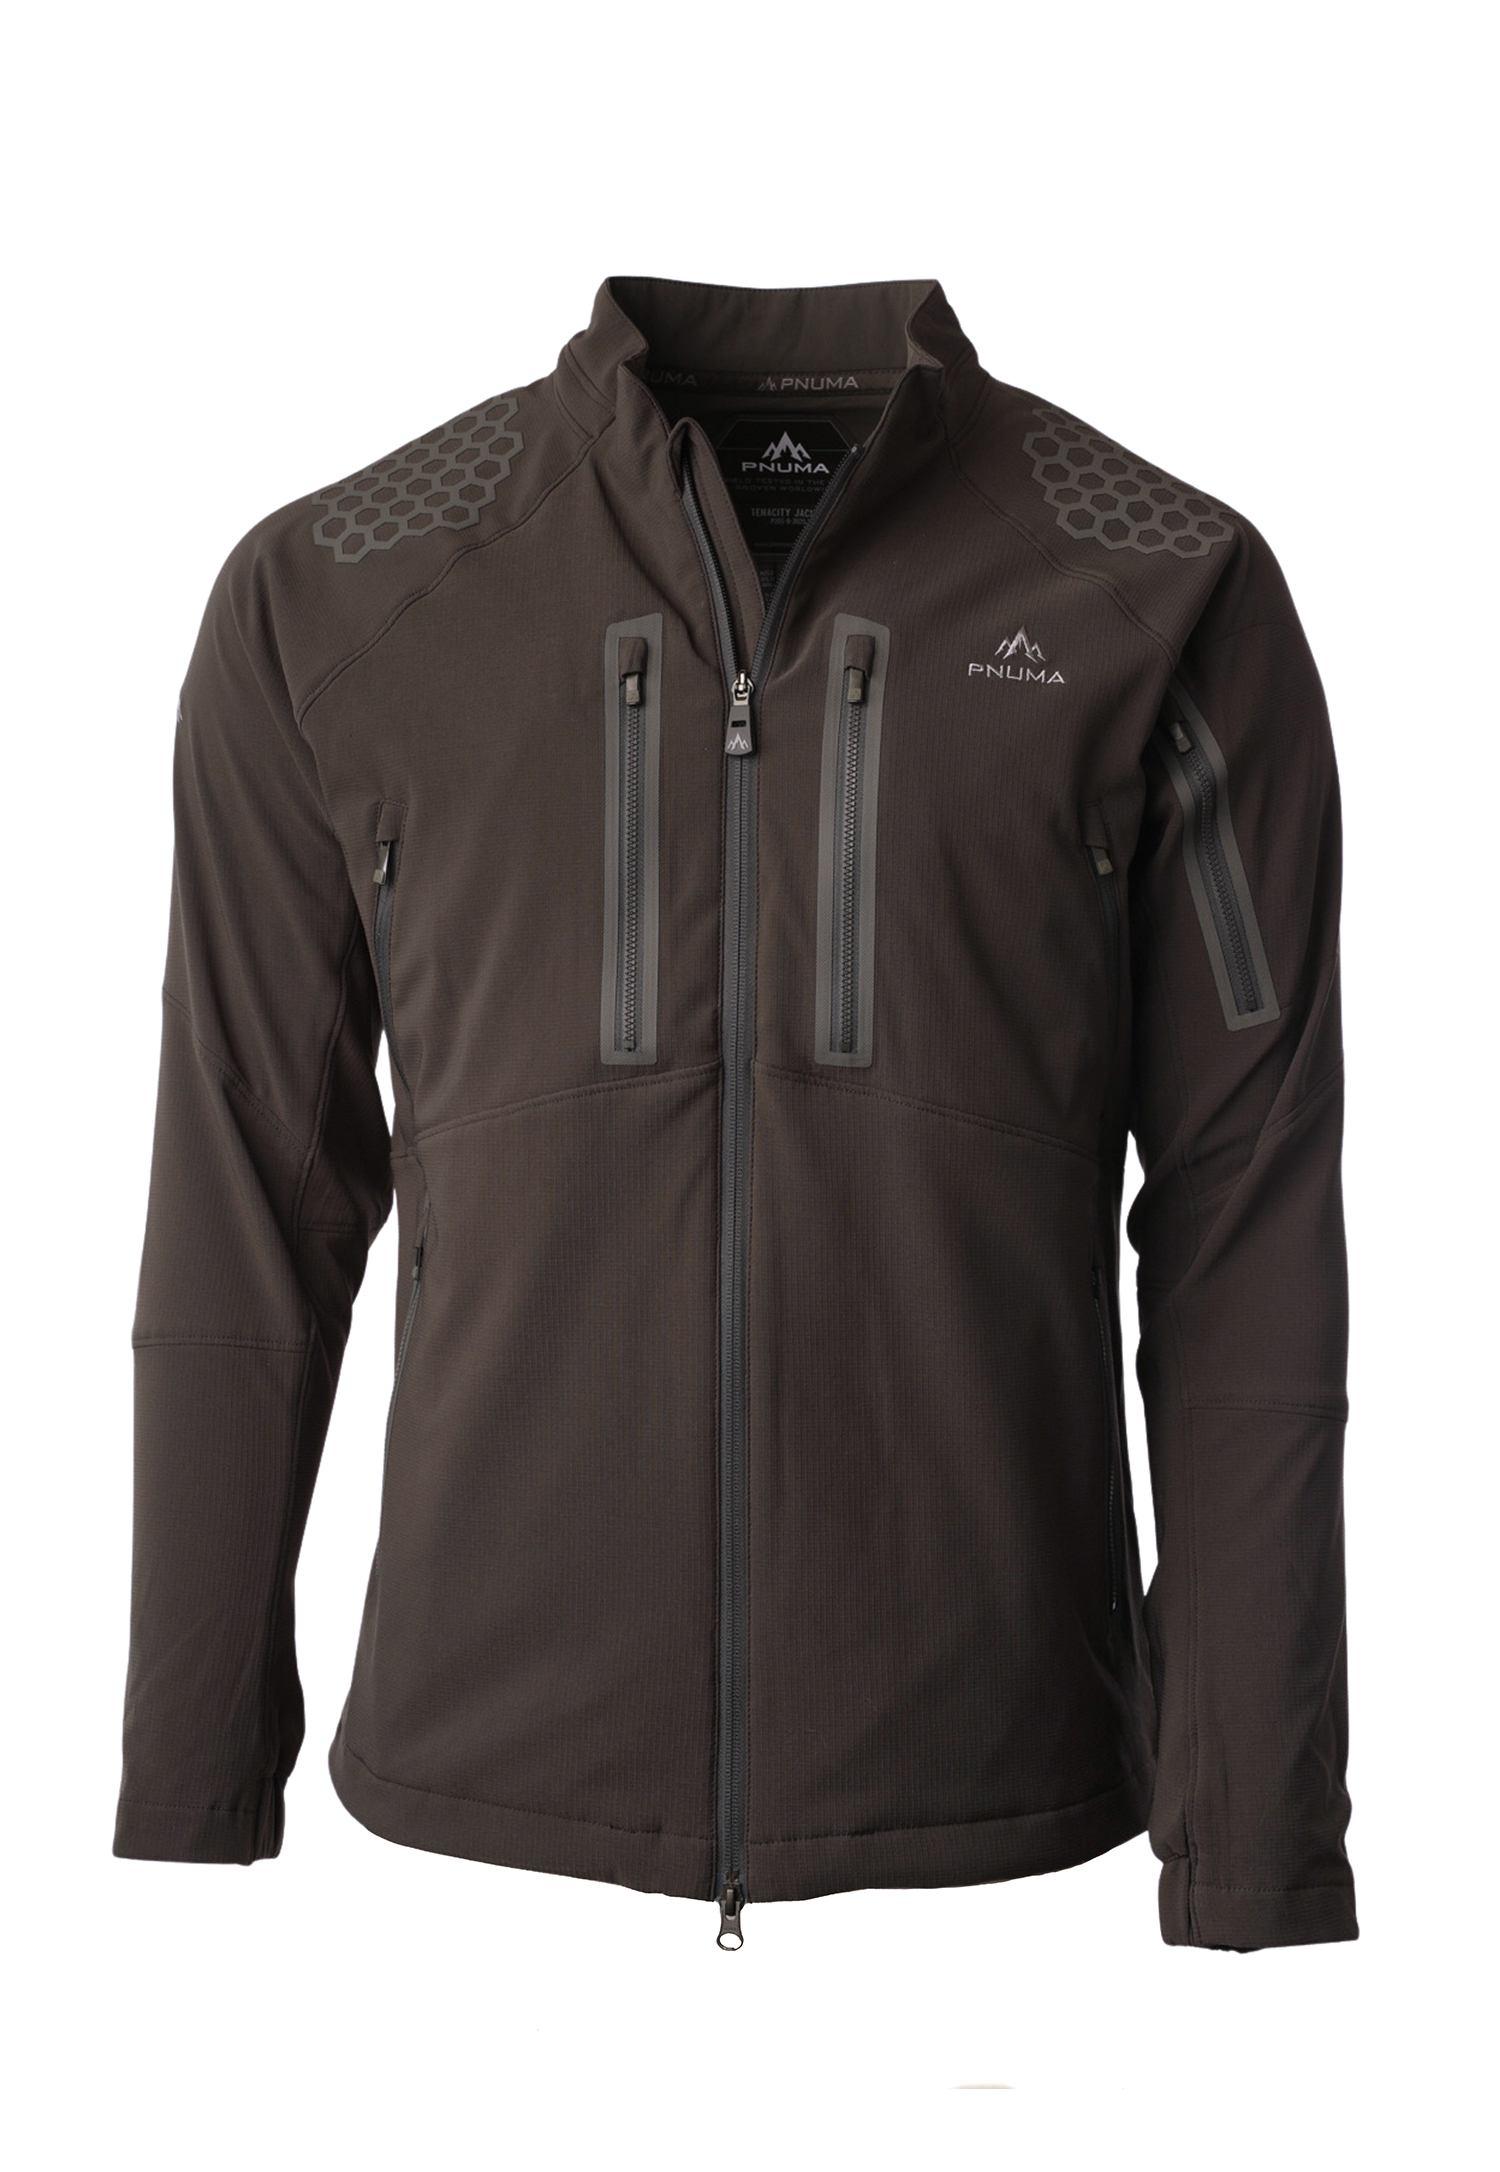 Tenacity Jacket - Solid